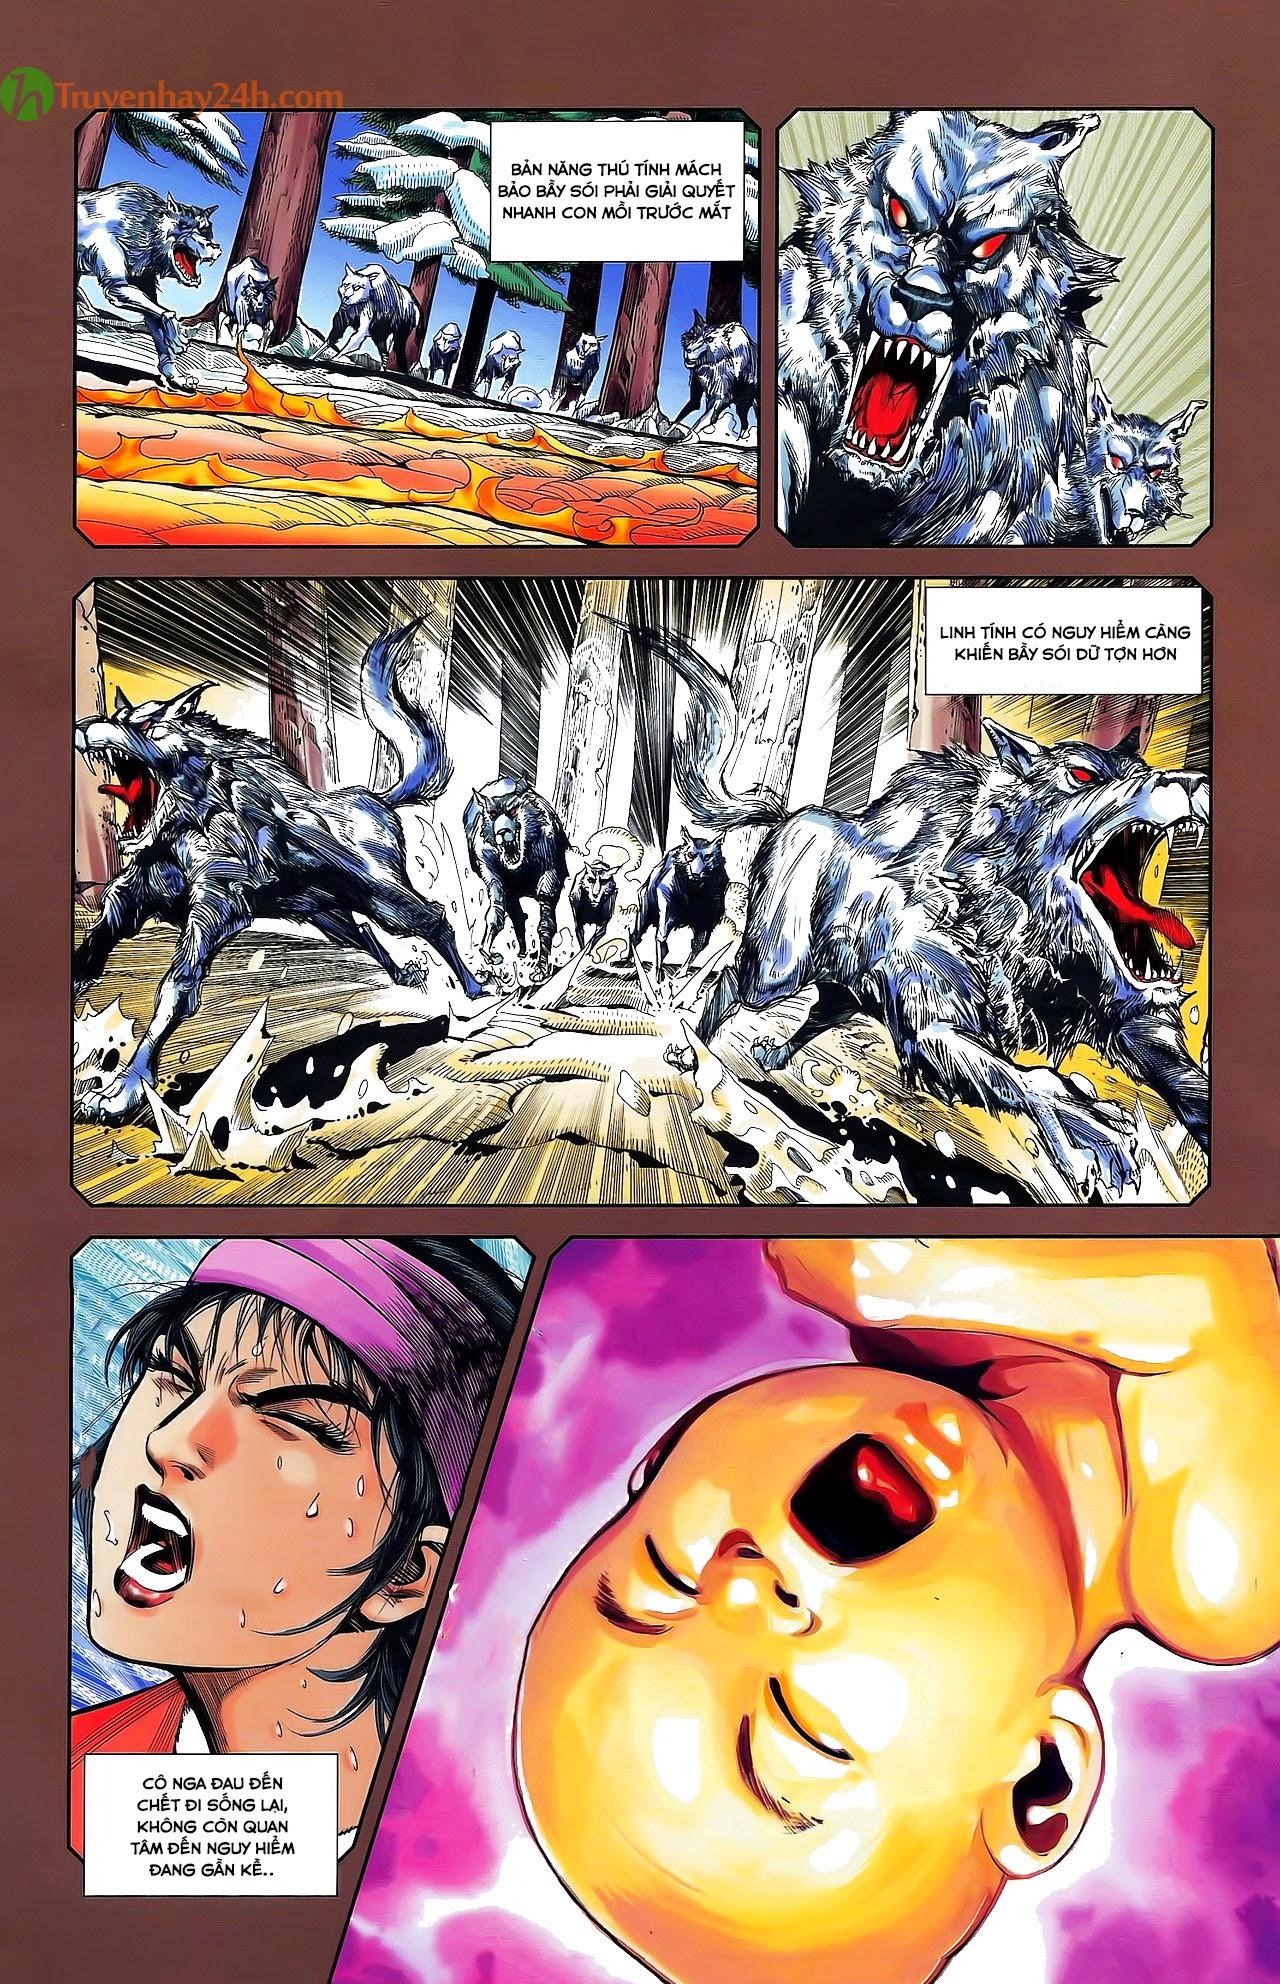 Tần Vương Doanh Chính chapter 29.2 trang 15